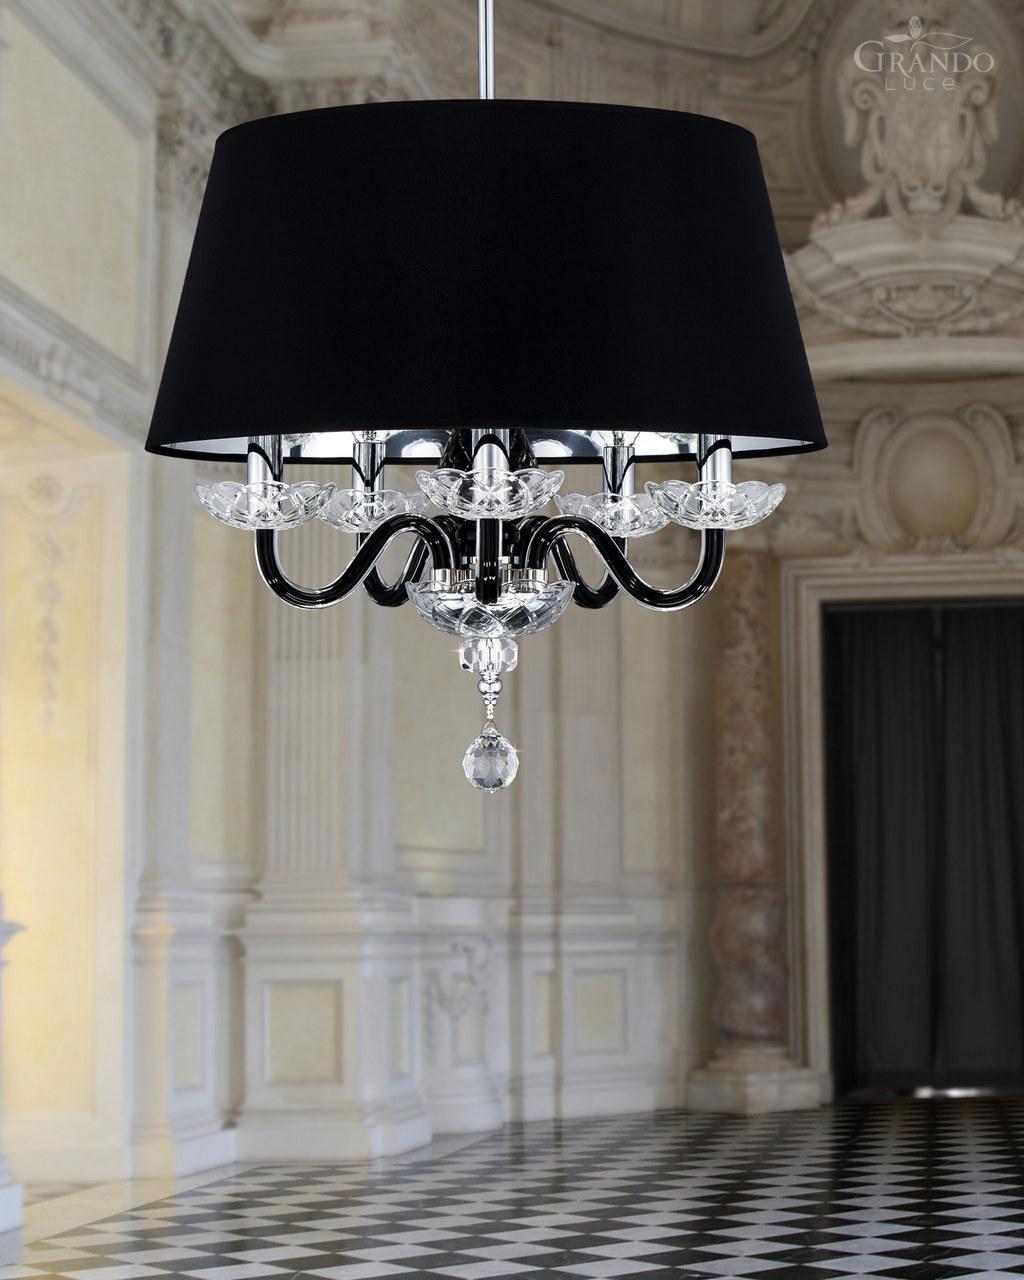 Luksusowy, czarny, chromowany żyrandol metalowy w stylu klasycznym, z kryształkami Swarovskiego i kloszem